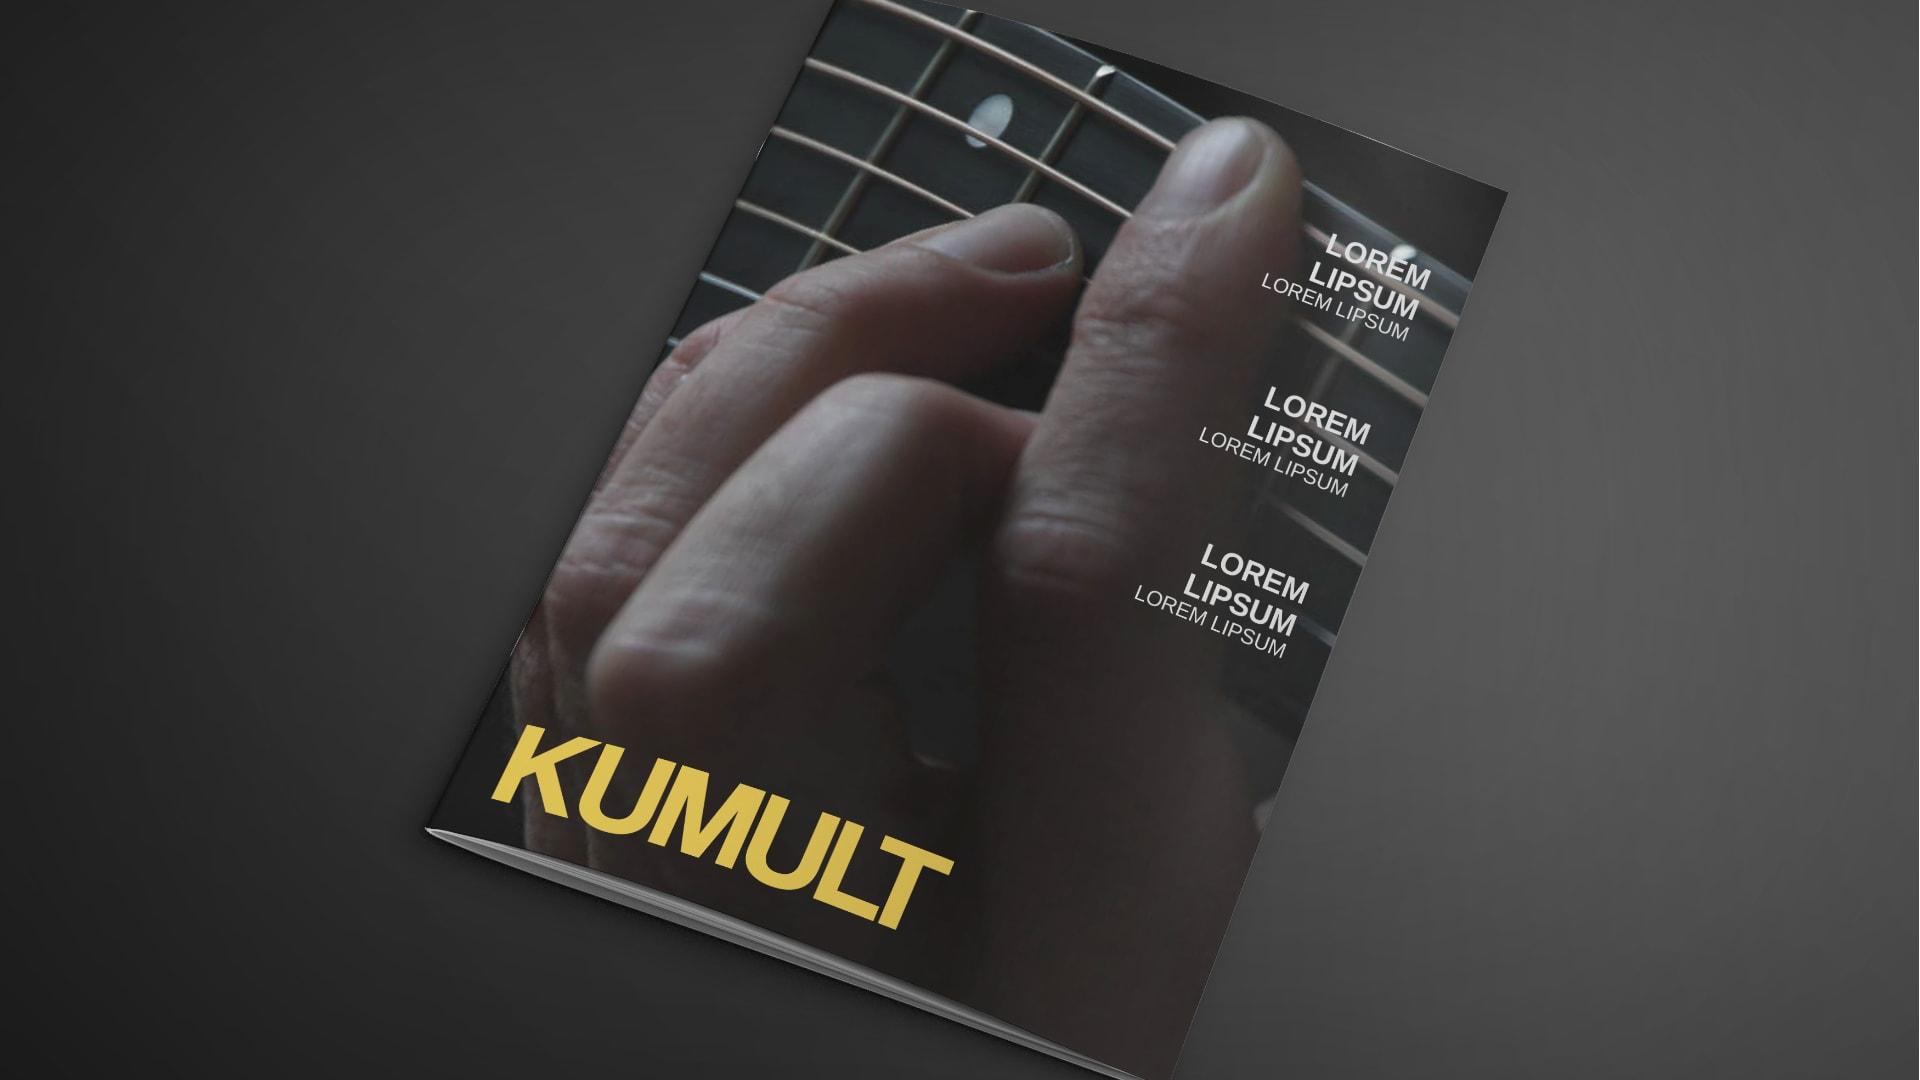 Kumult Tijdschrift Ontwerp